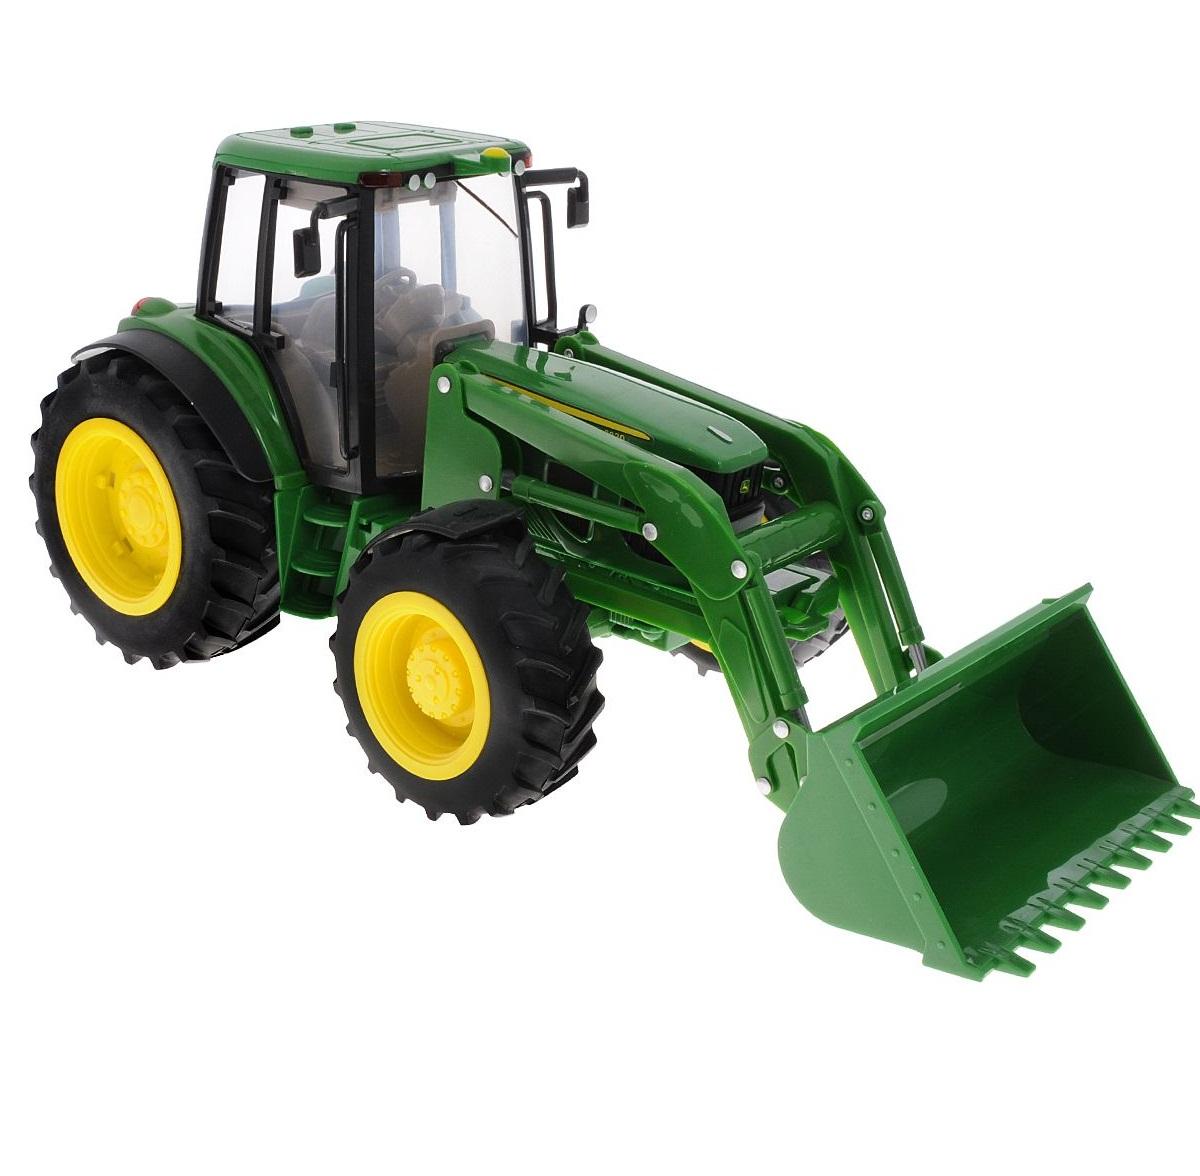 Купить Трактор John Deere 6830 с двойными колесами и фронтальным погрузчиком, Tomy